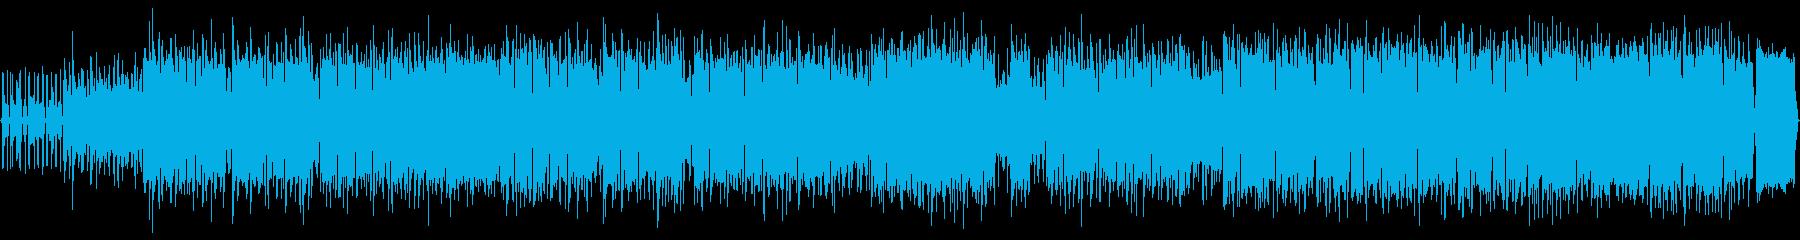 鳥のようなリコーダー、エスニック調の再生済みの波形